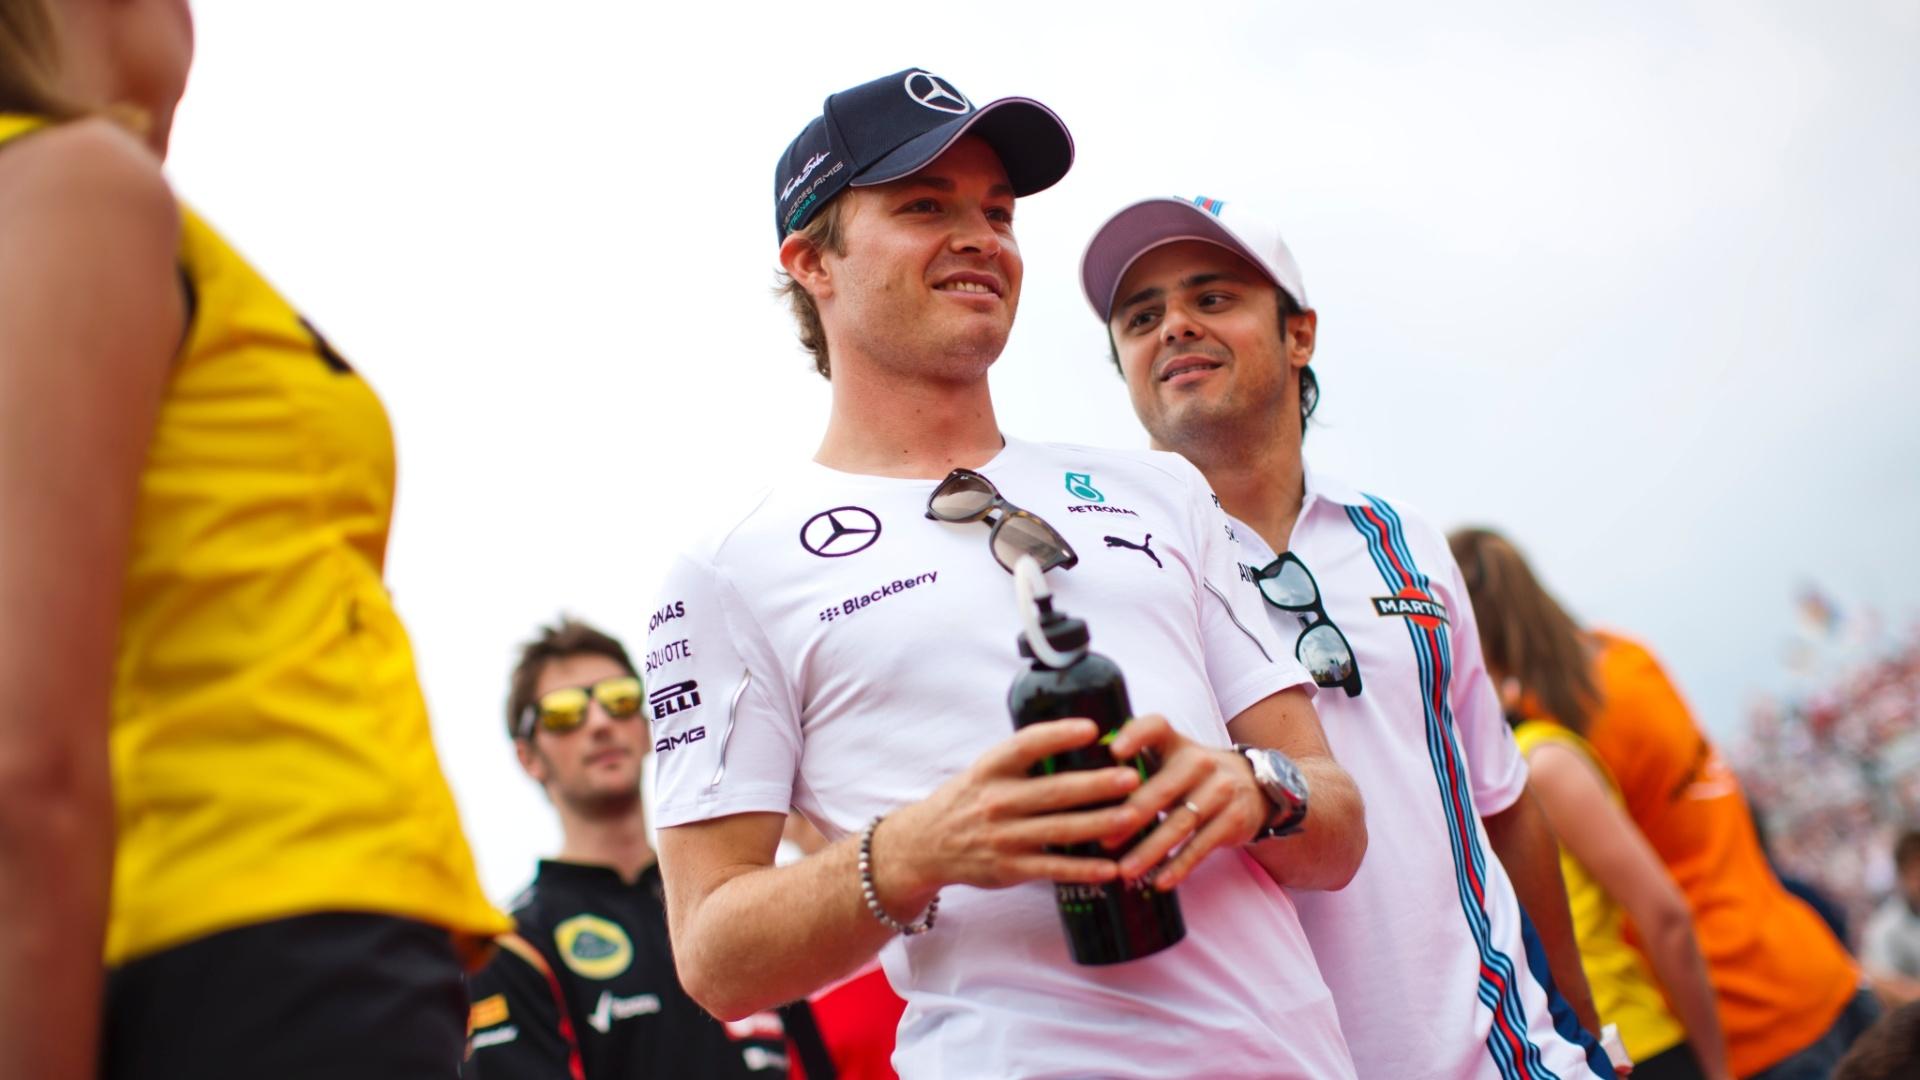 27.jul.2014 - Nico Rosberg e Felipe Massa caminham pela pista de Hungaroring antes do GP da Hungria